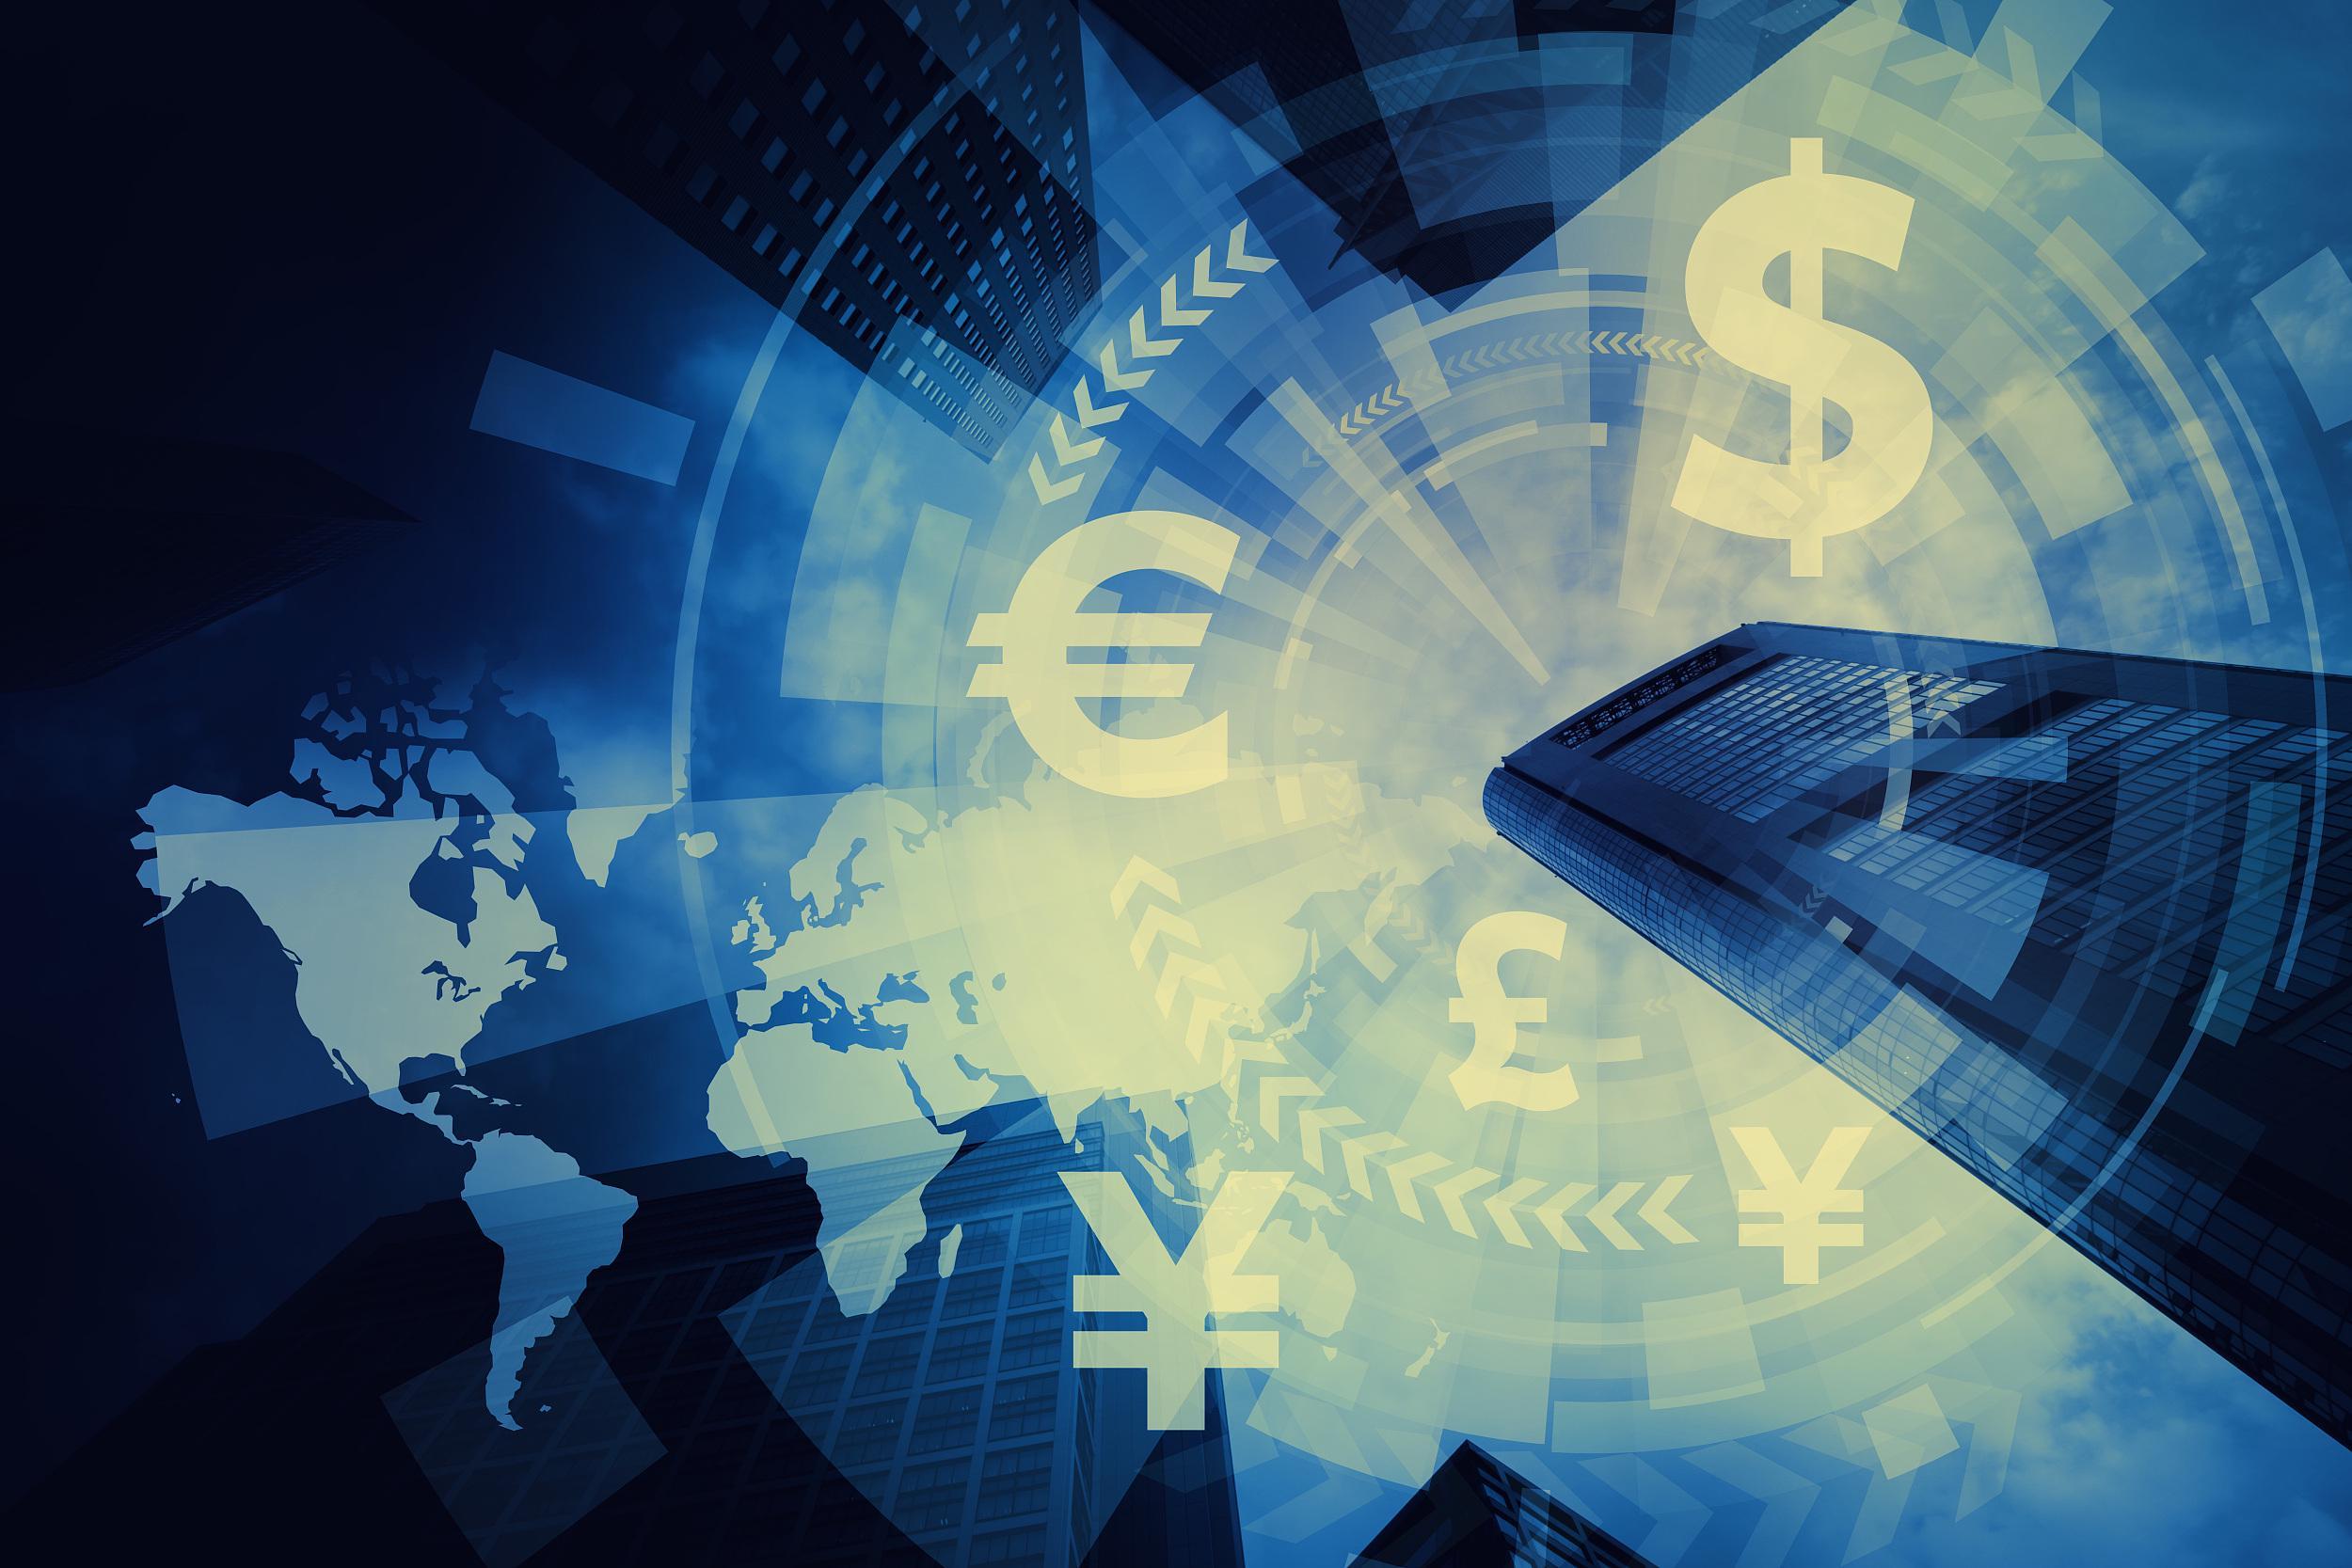 美银:央行数字货币比现金更有效 或在未来完全取而代之